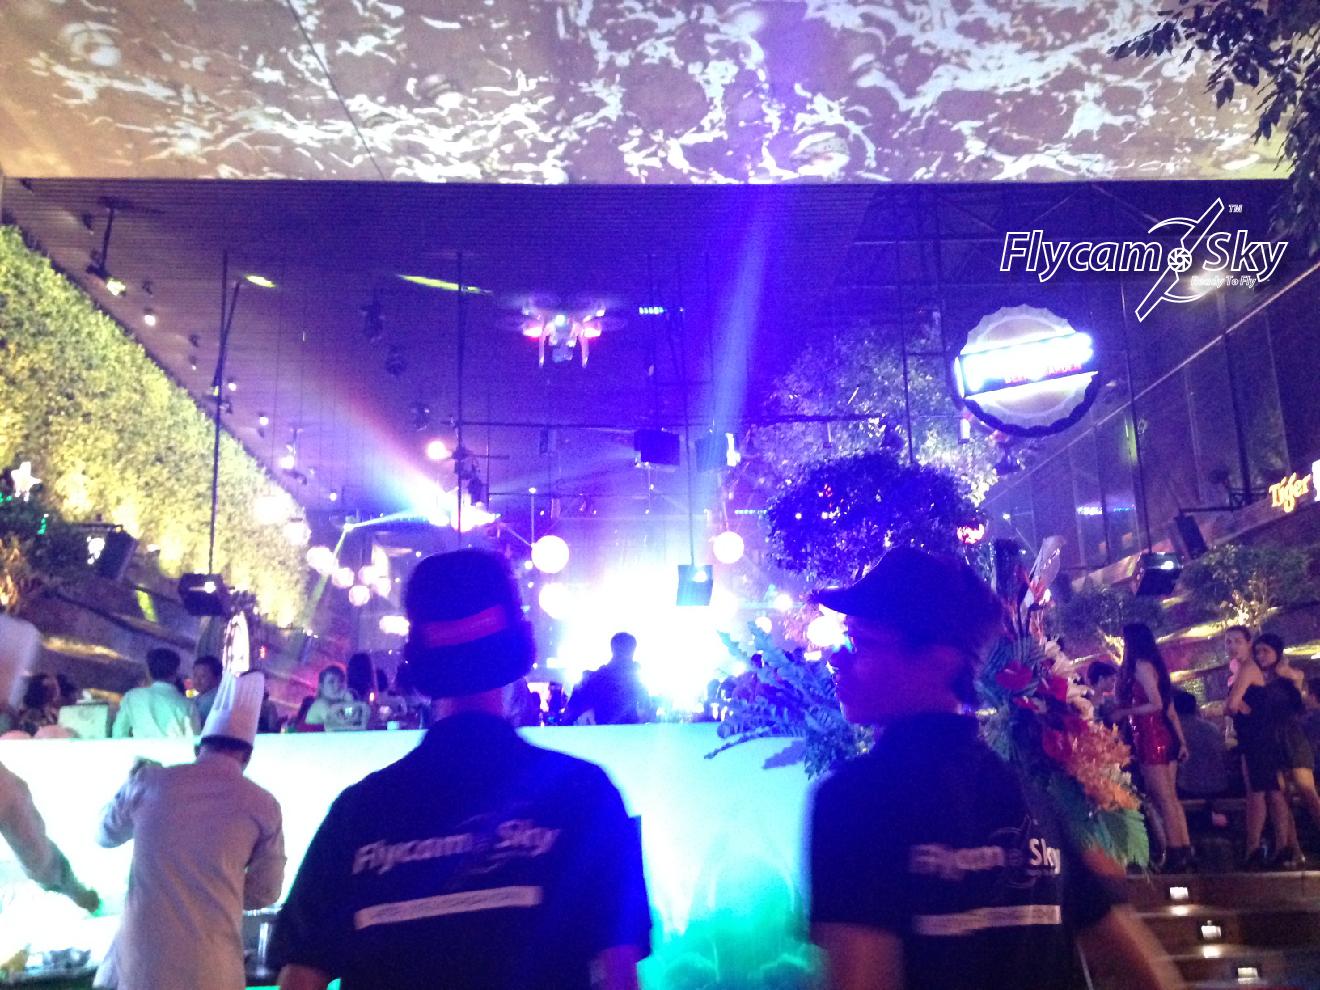 Flycam Sky quay khai trương nhà hàng tại Tp.Hồ Chí Minh